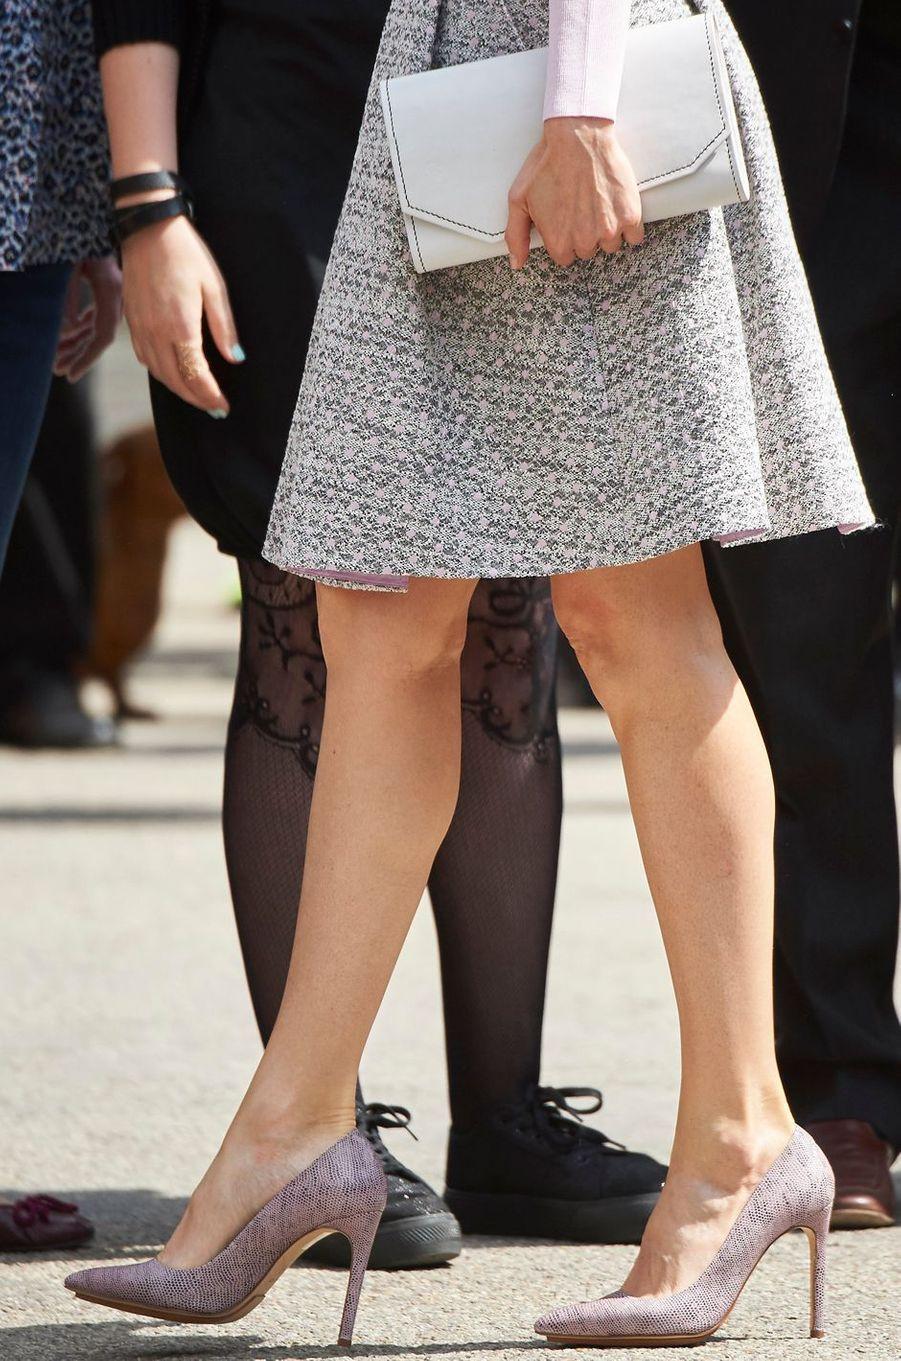 Les chaussures de la reine Letizia d'Espagne à la Foire du livre à Madrid, le 27 mai 2016